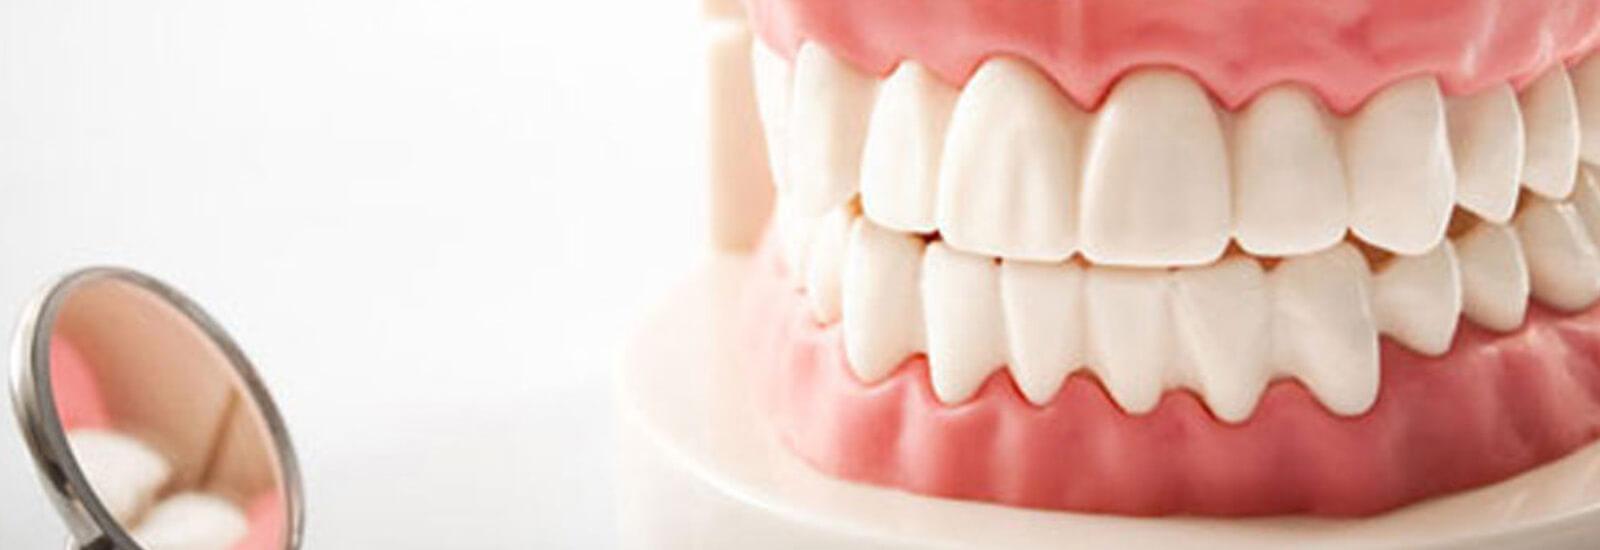 full-denture